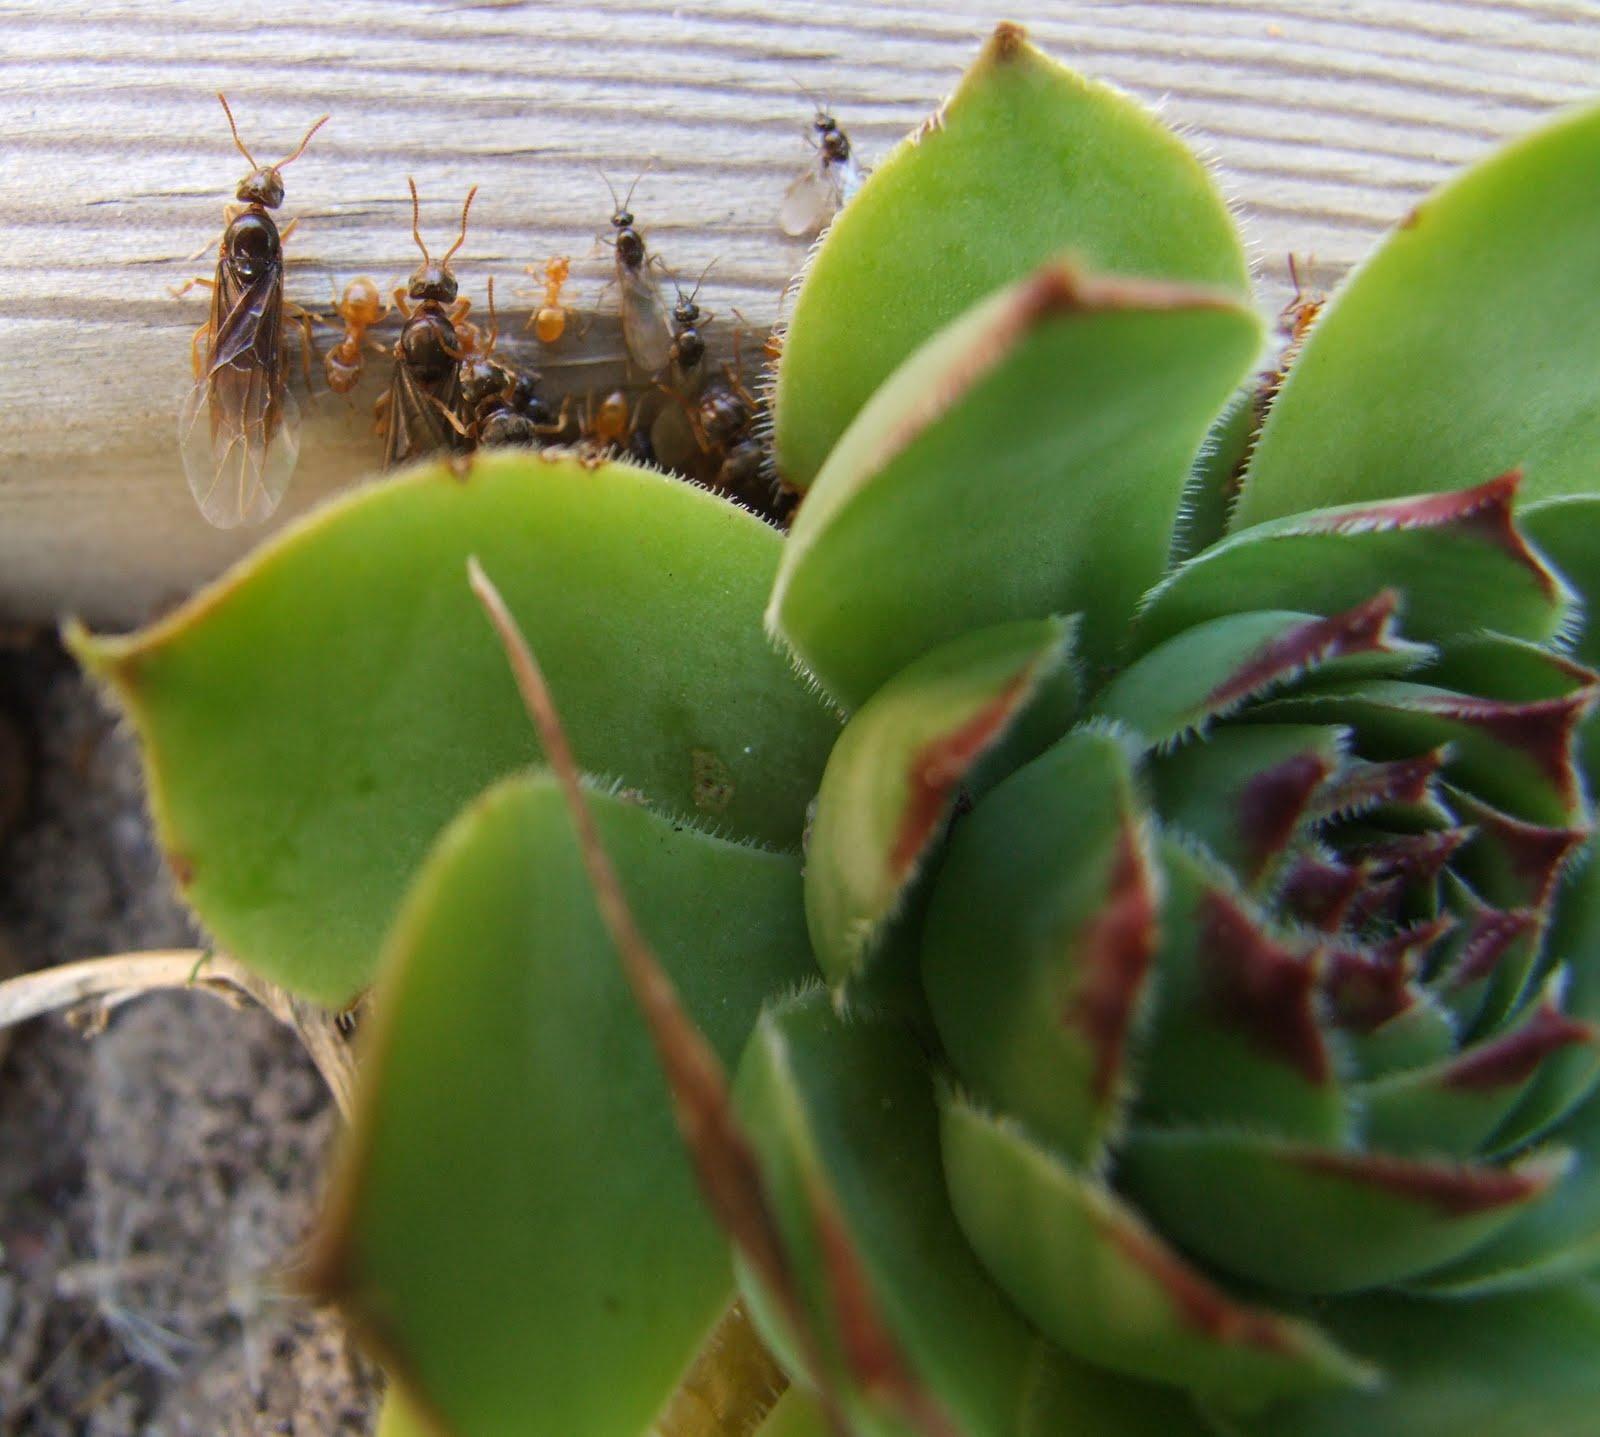 La biodiversit de mon jardin ou comment pr server et - Comment se debarrasser des fourmis au jardin ...